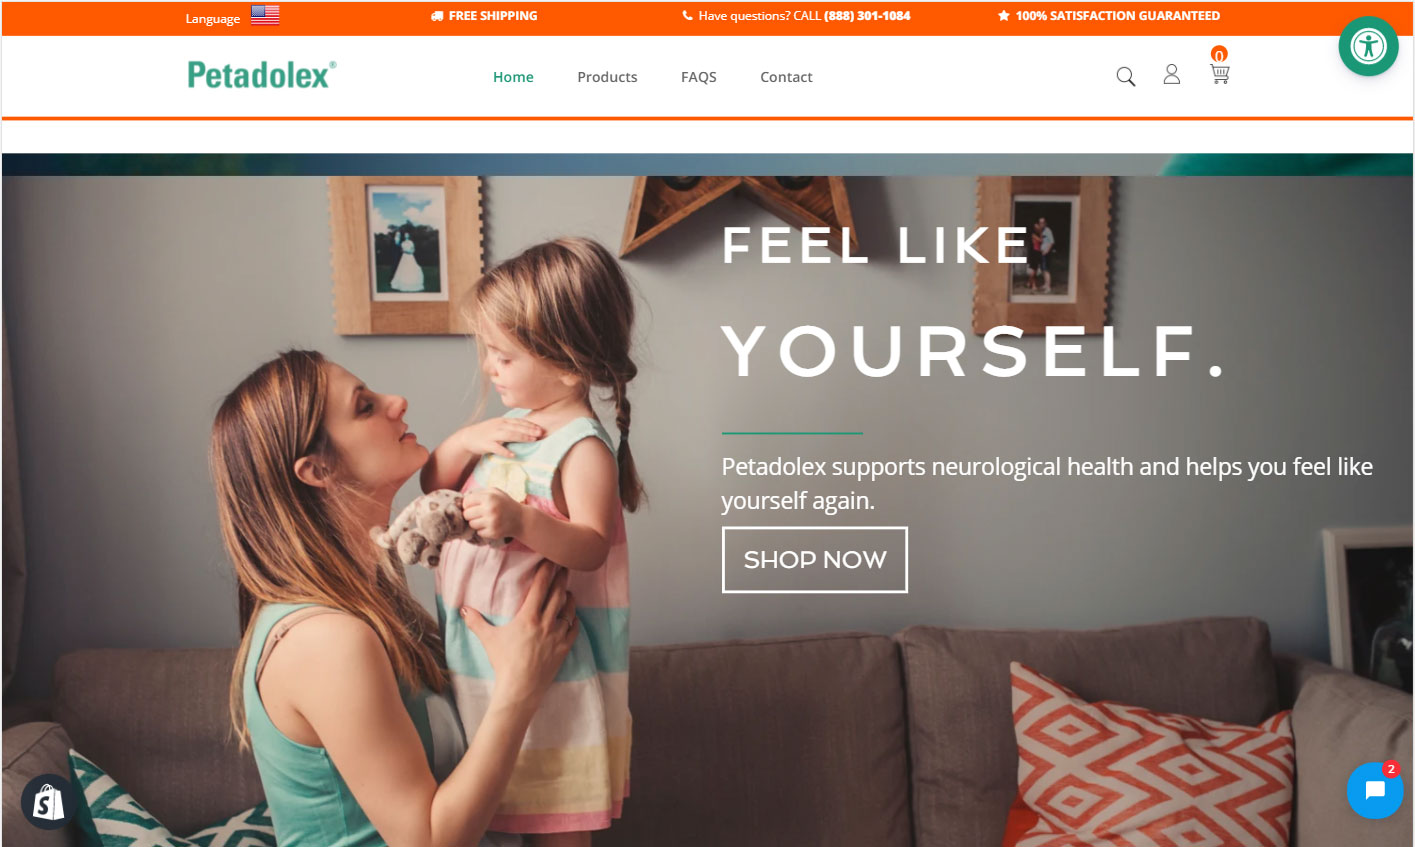 Petadolex website